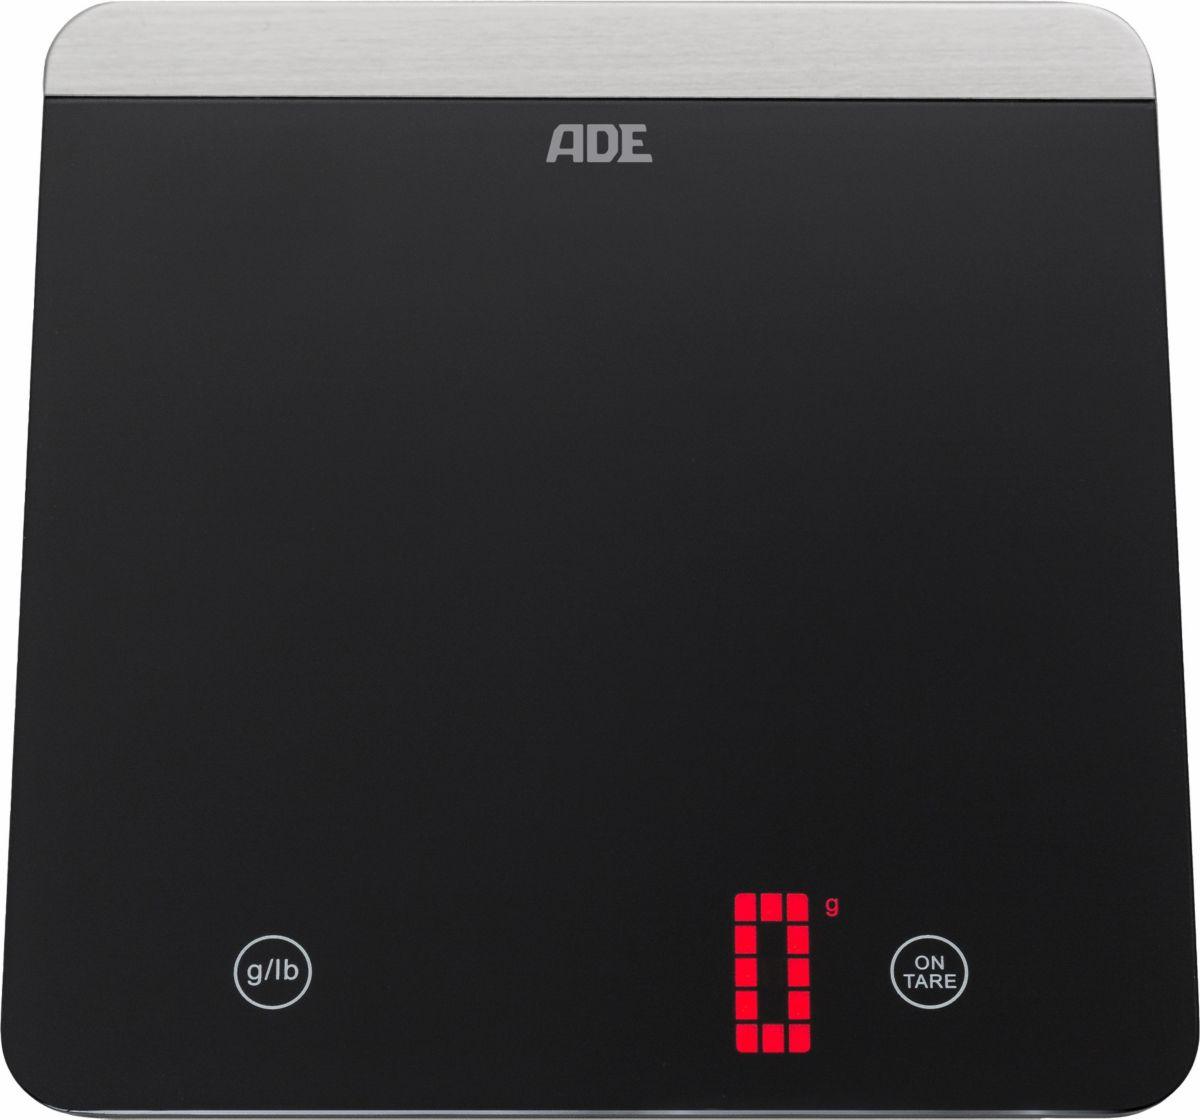 ADE Digitale Küchenwaage »KE1507 Farina«